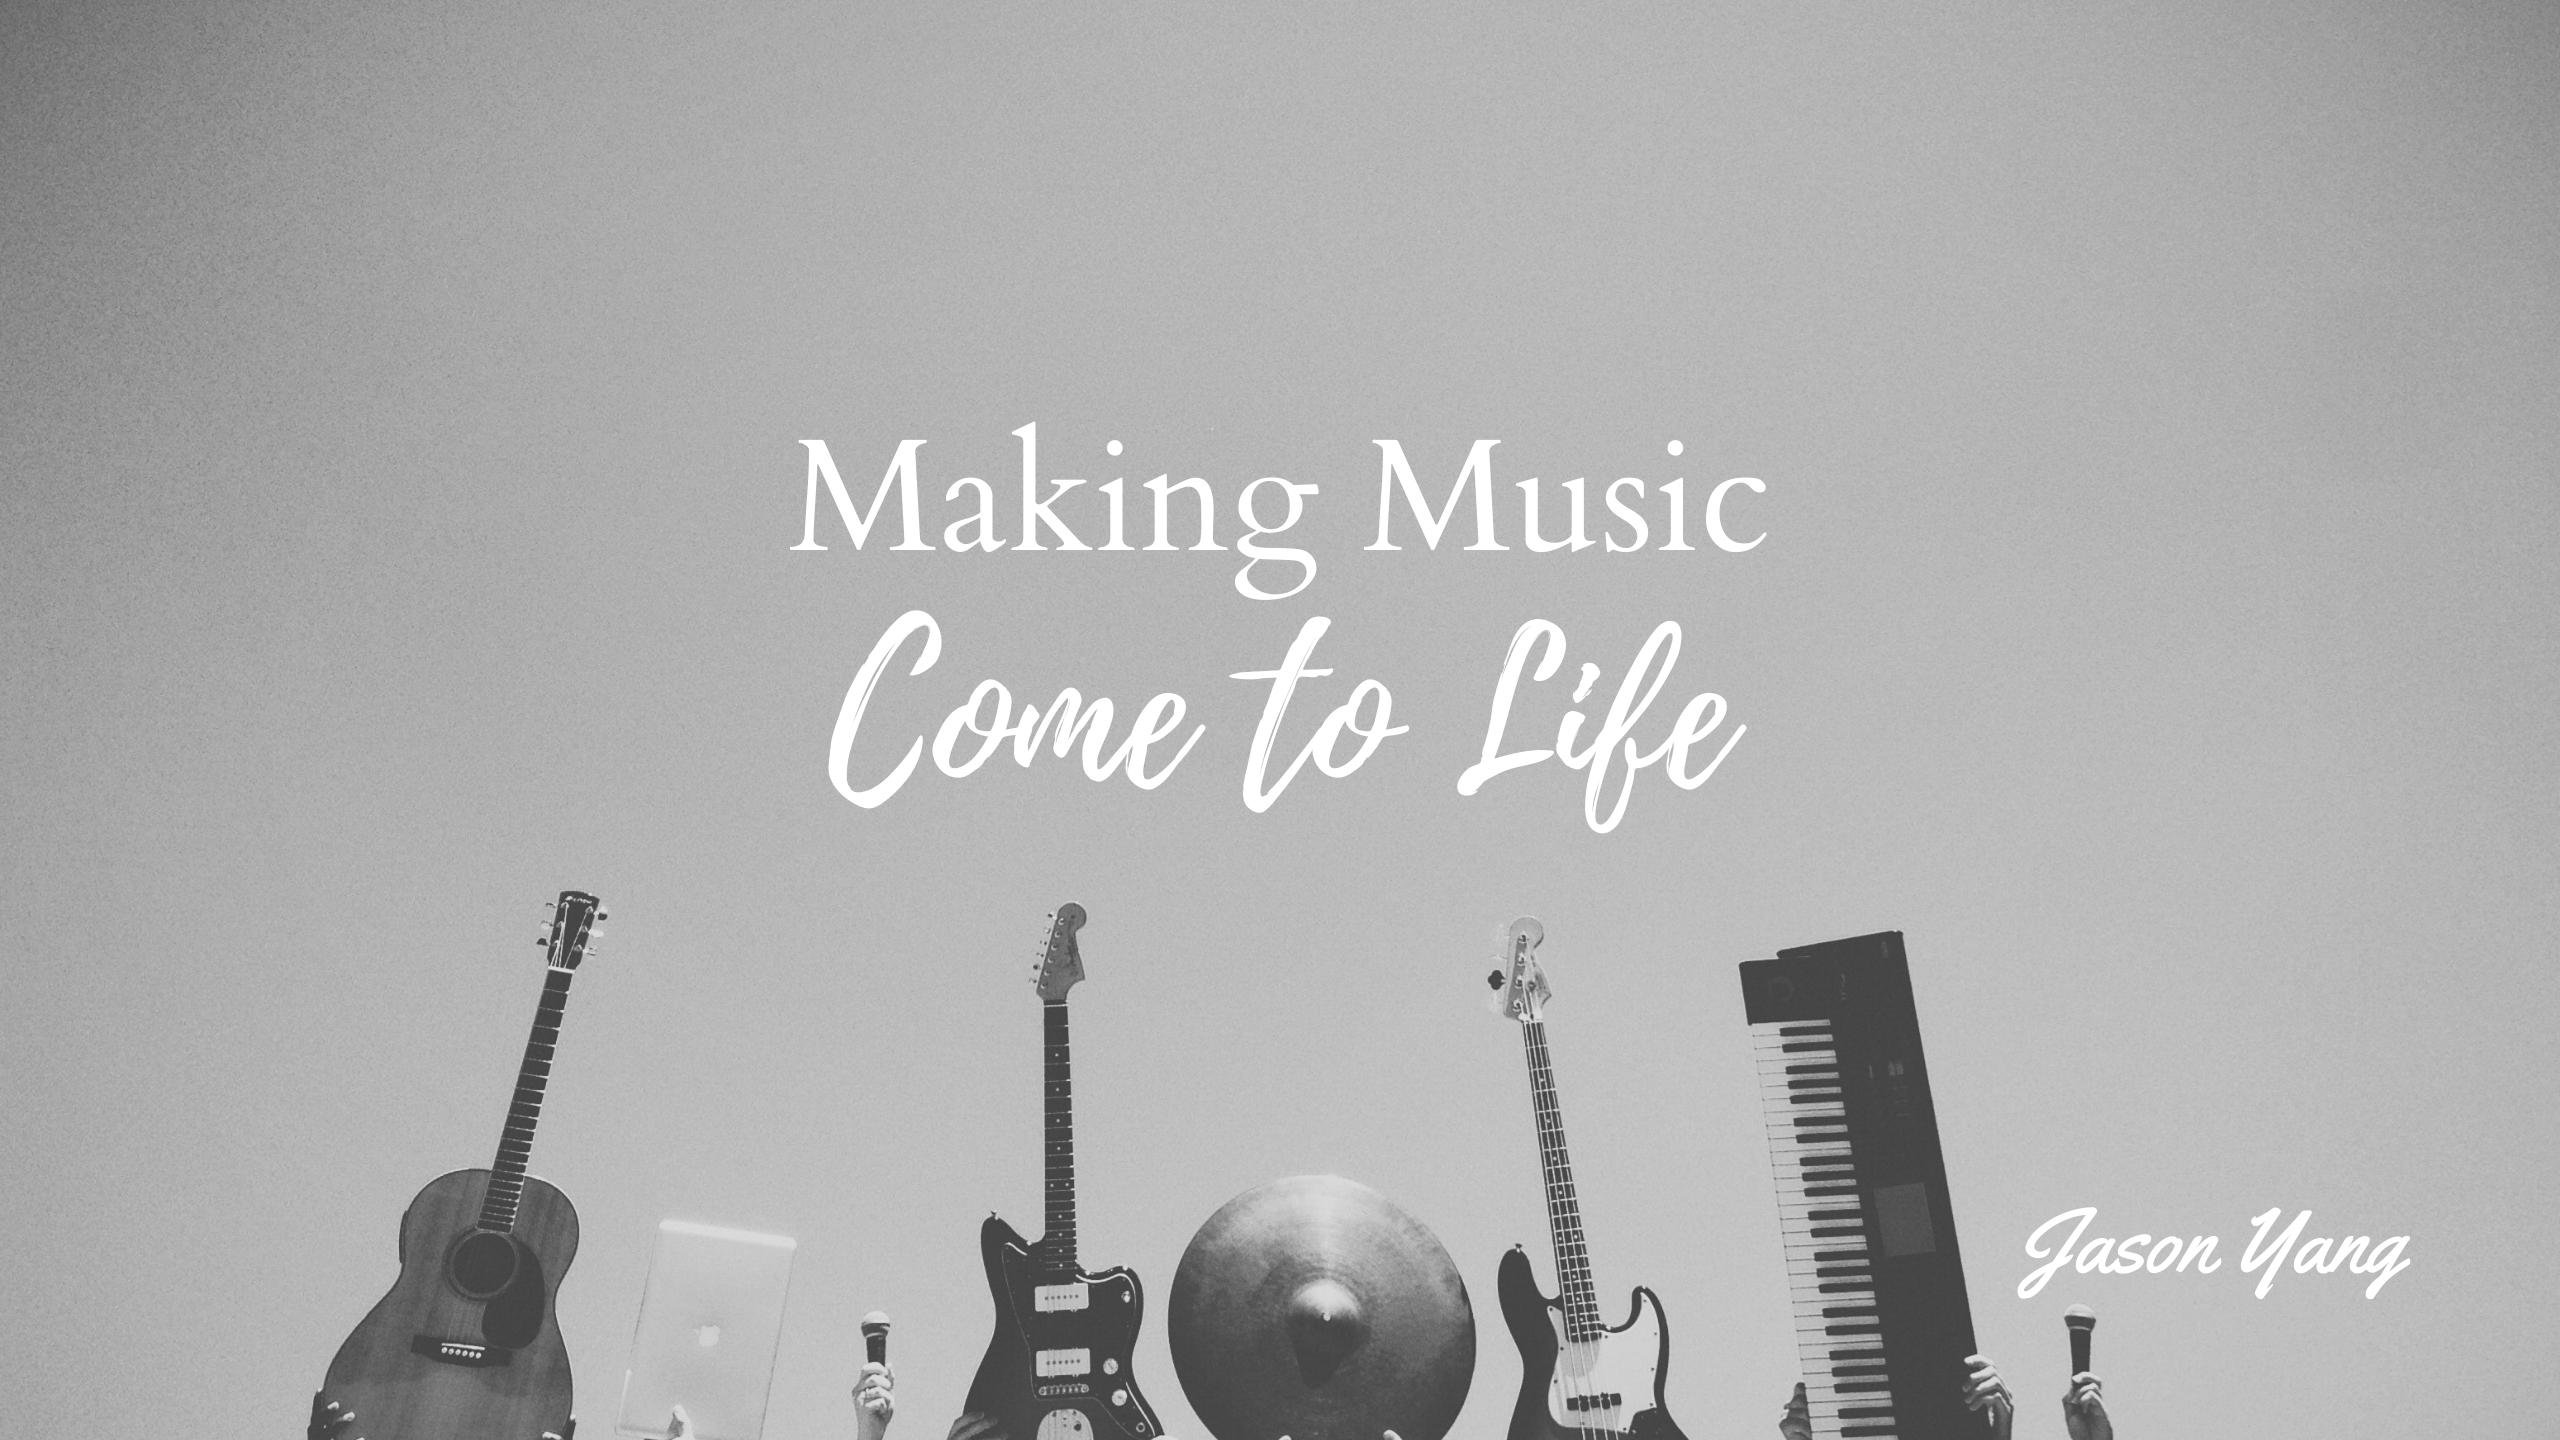 Make music come to life - Jason Yang Pianist